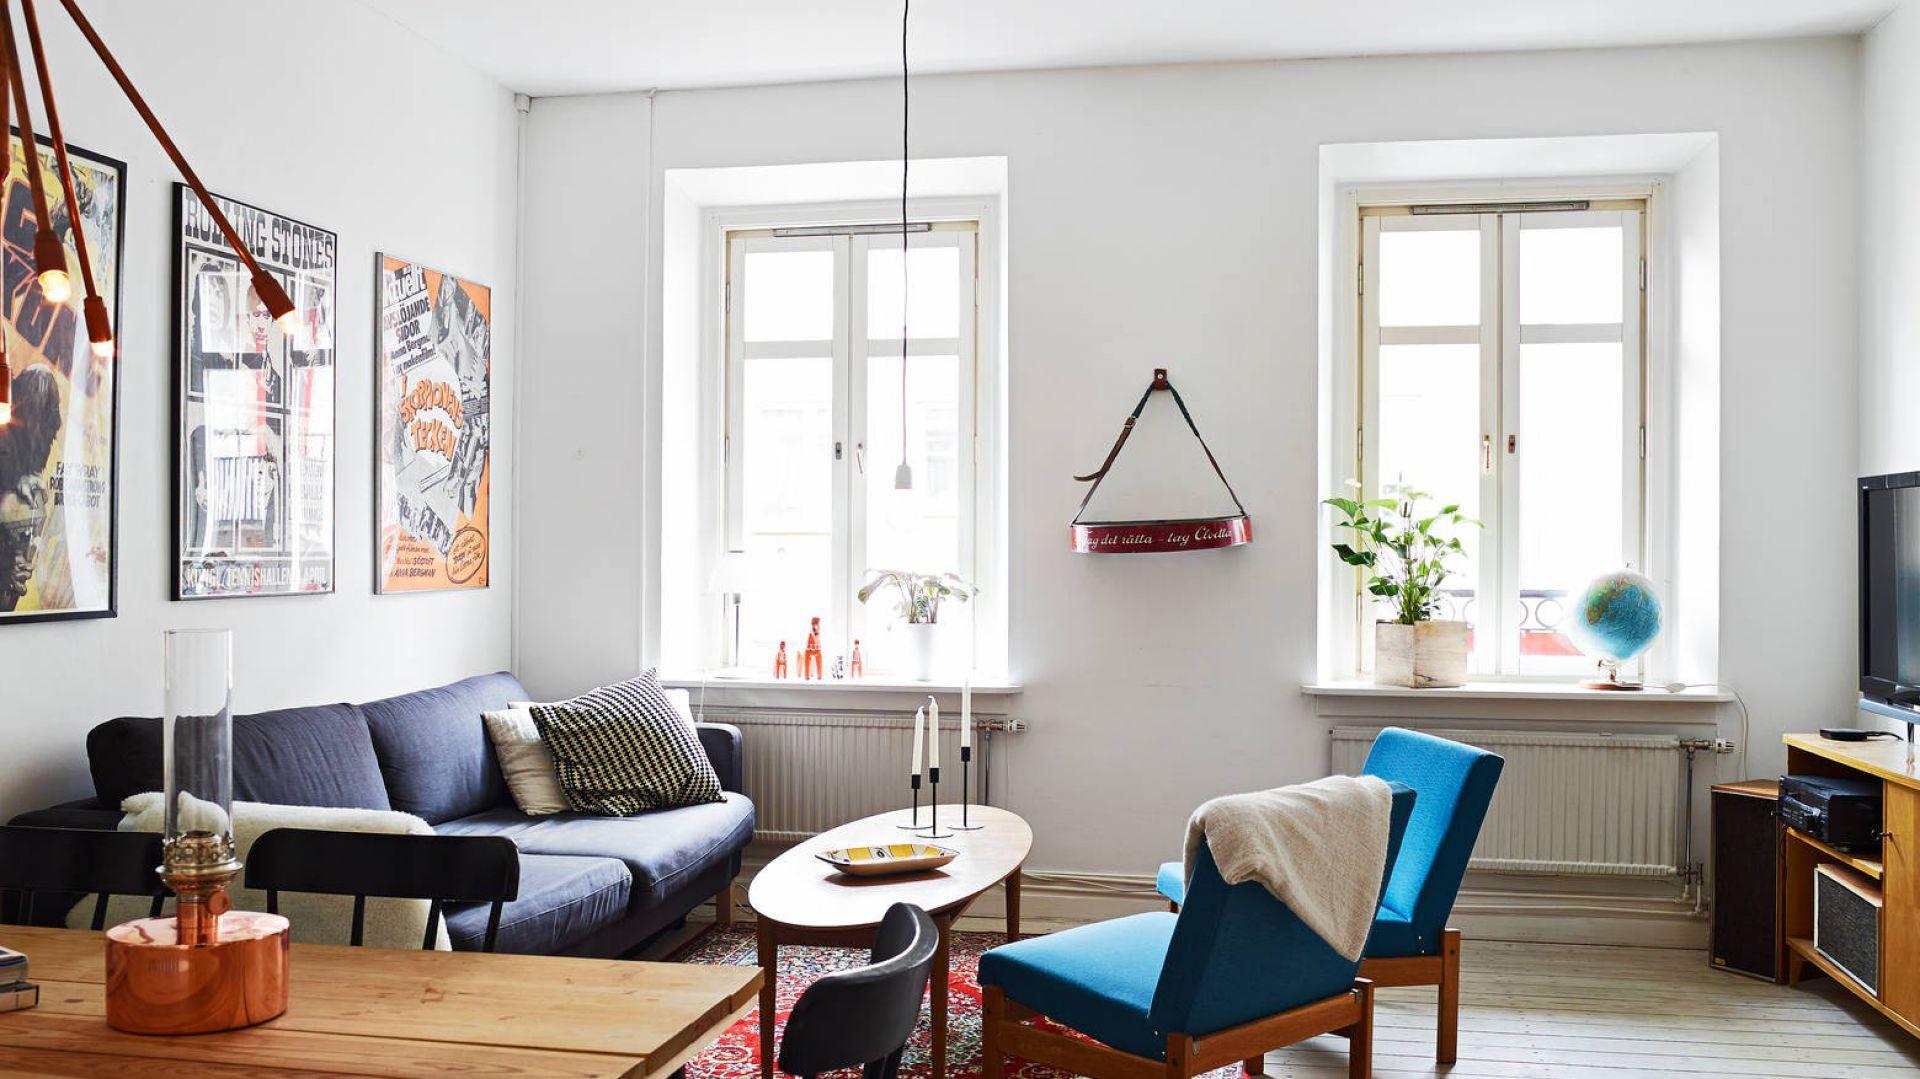 0 Pokój dzienny jest jasny, przestronny i pełen światła. Fot. Stadshem.